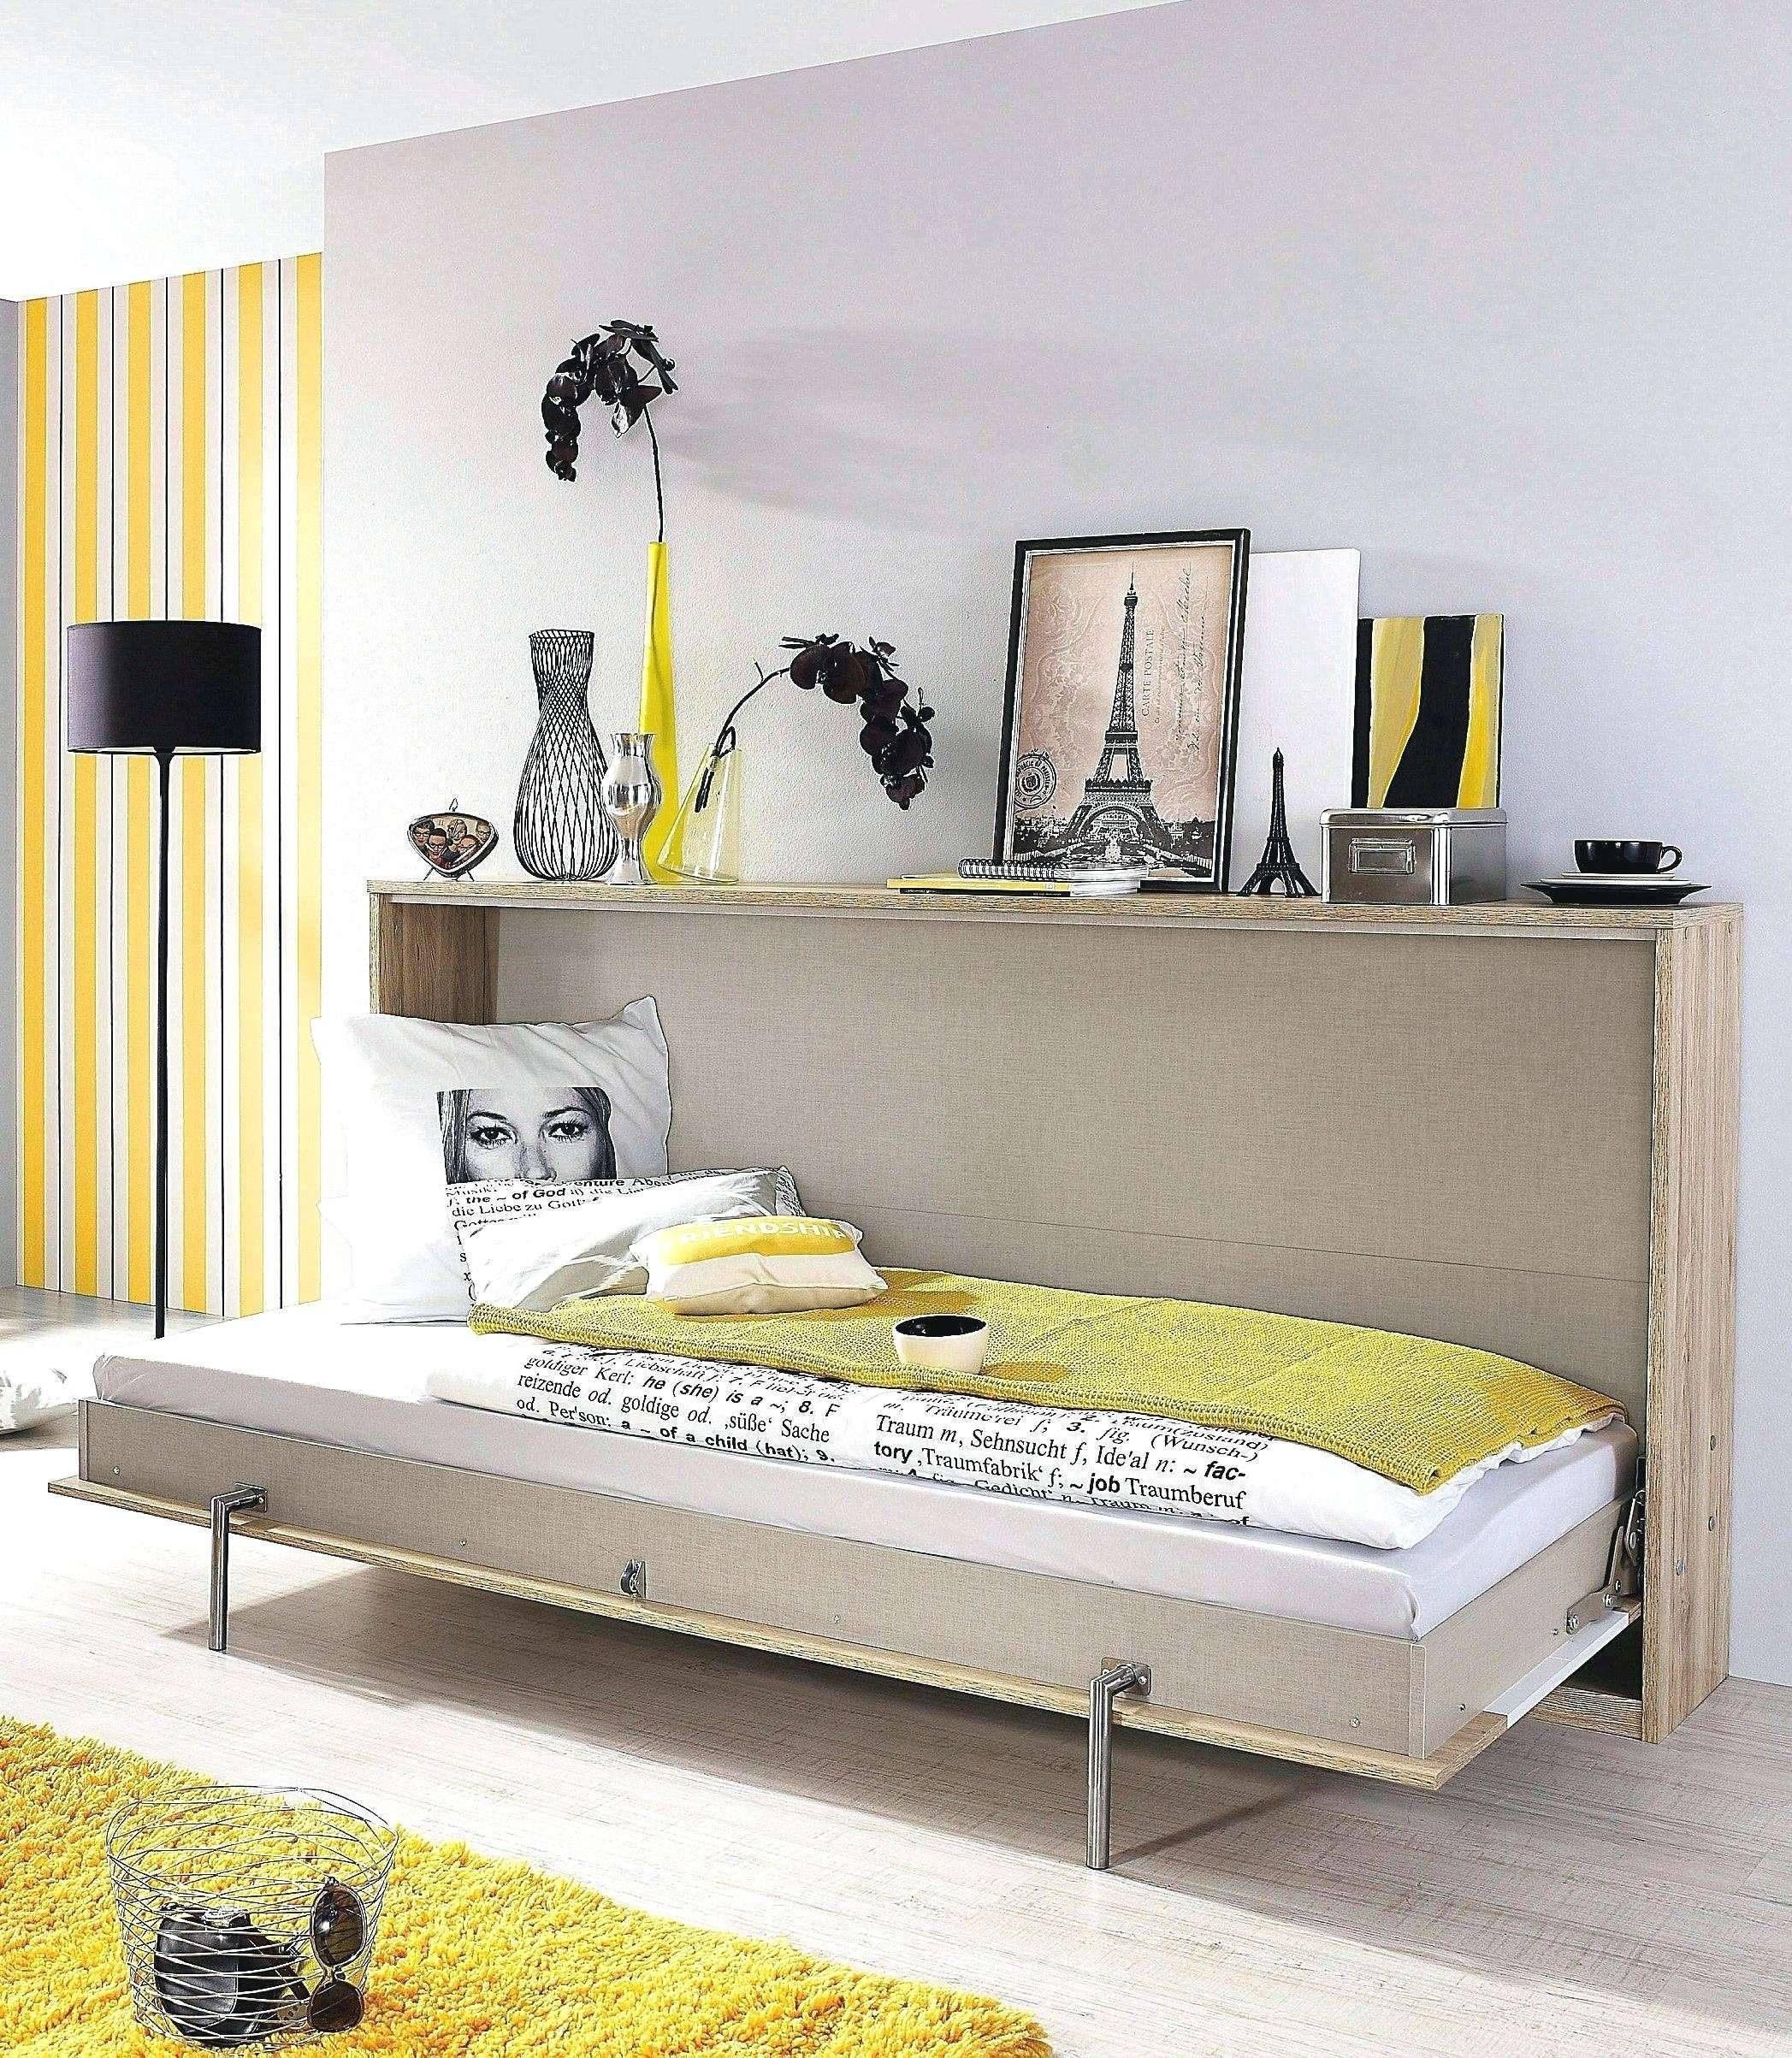 Lit Mezzanine Adulte 160×200 Impressionnant Lit Mezzanine Adulte 160×200 Unique Magnifique 55 Concepts De Lit